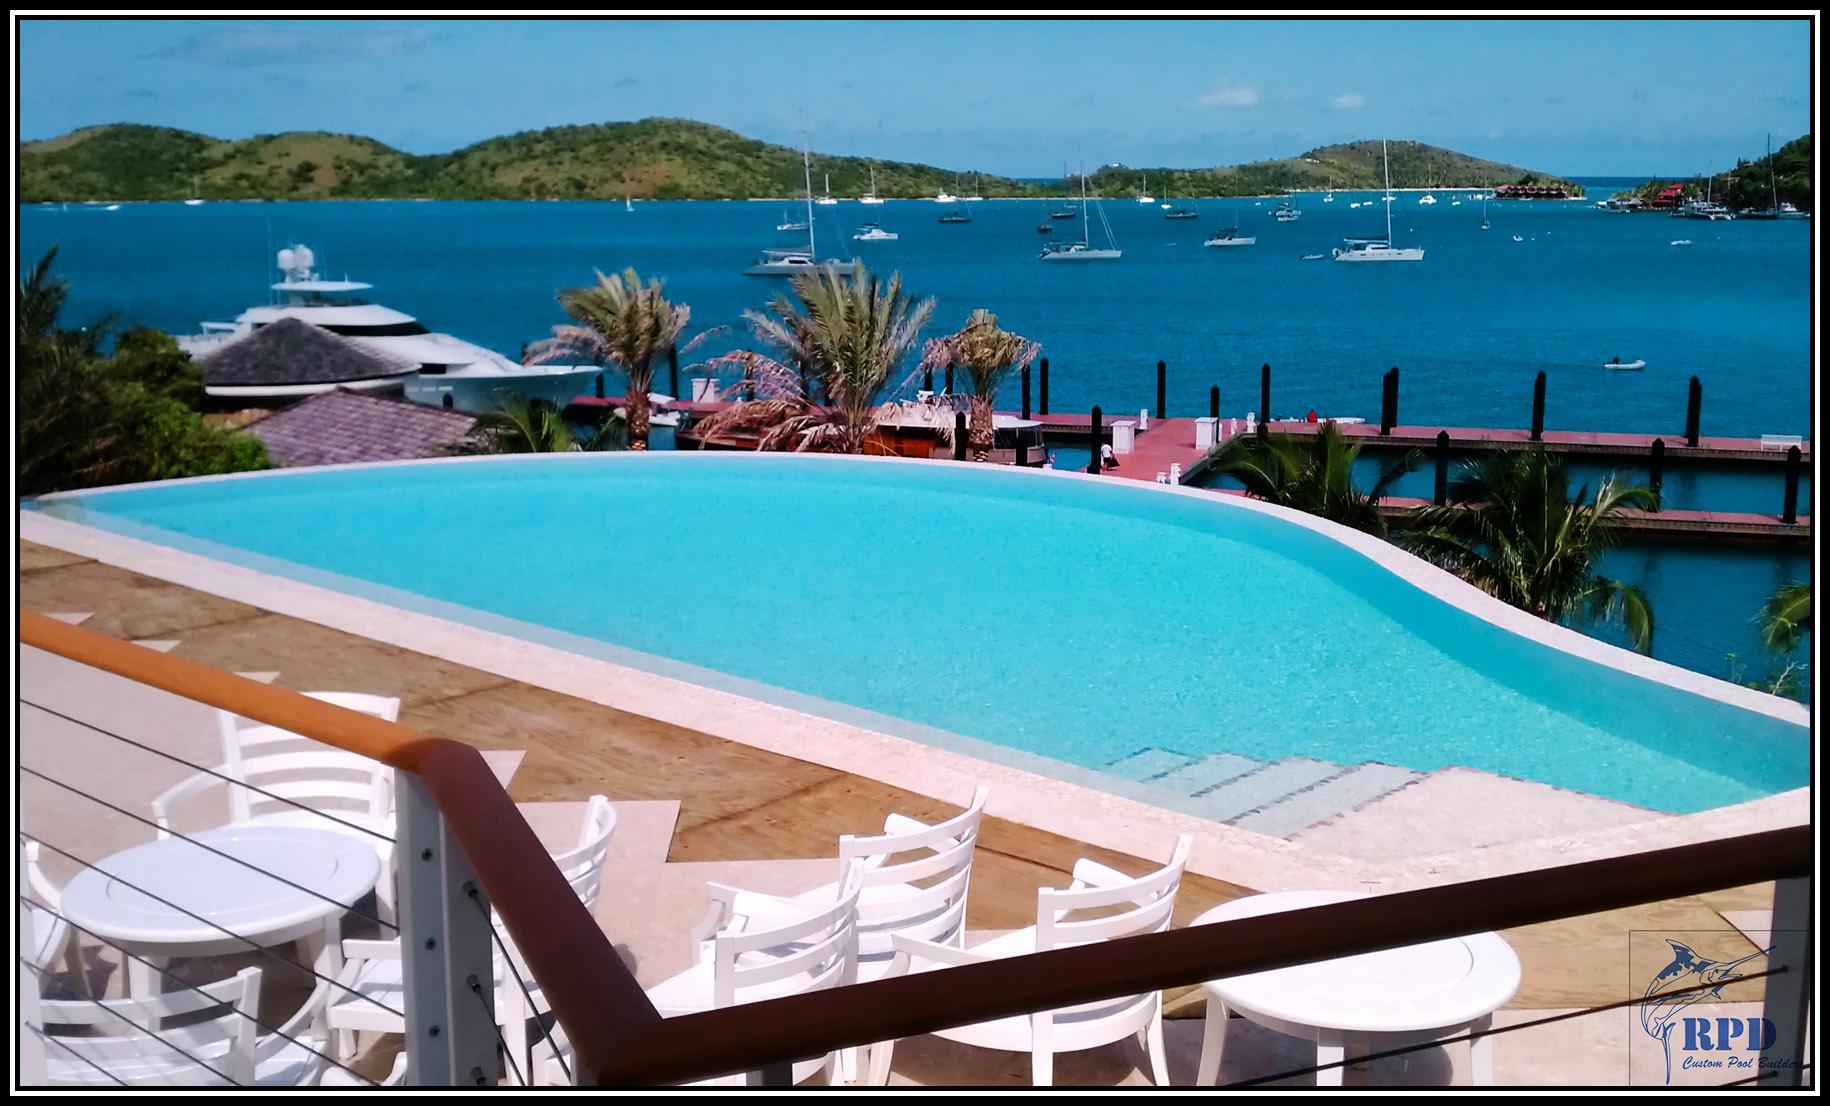 02-©RPD-Virgin-Islands-Resort-Swimming-Pool.jpg